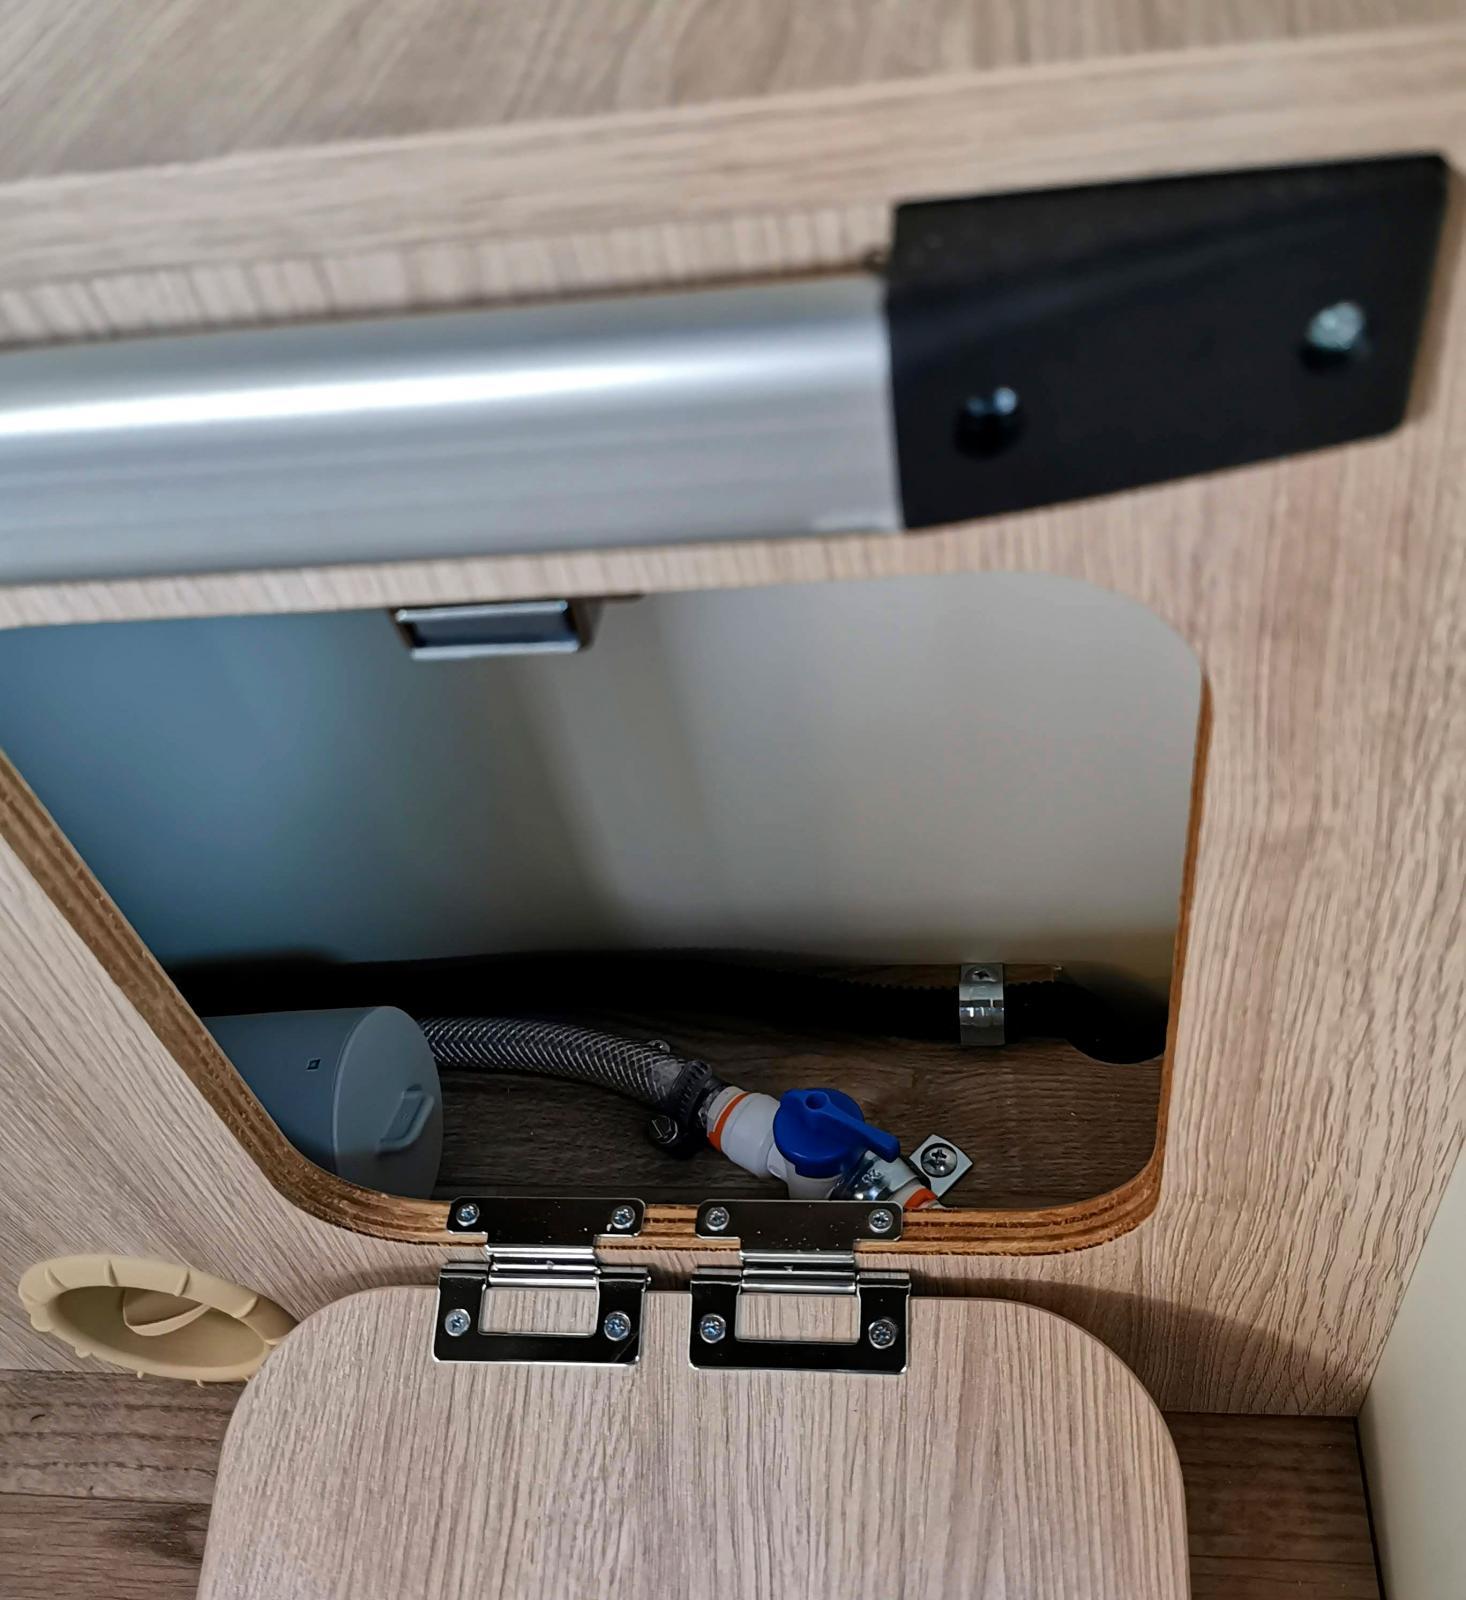 Kranen för tömning av varmvattenberedaren sitter under bordet.